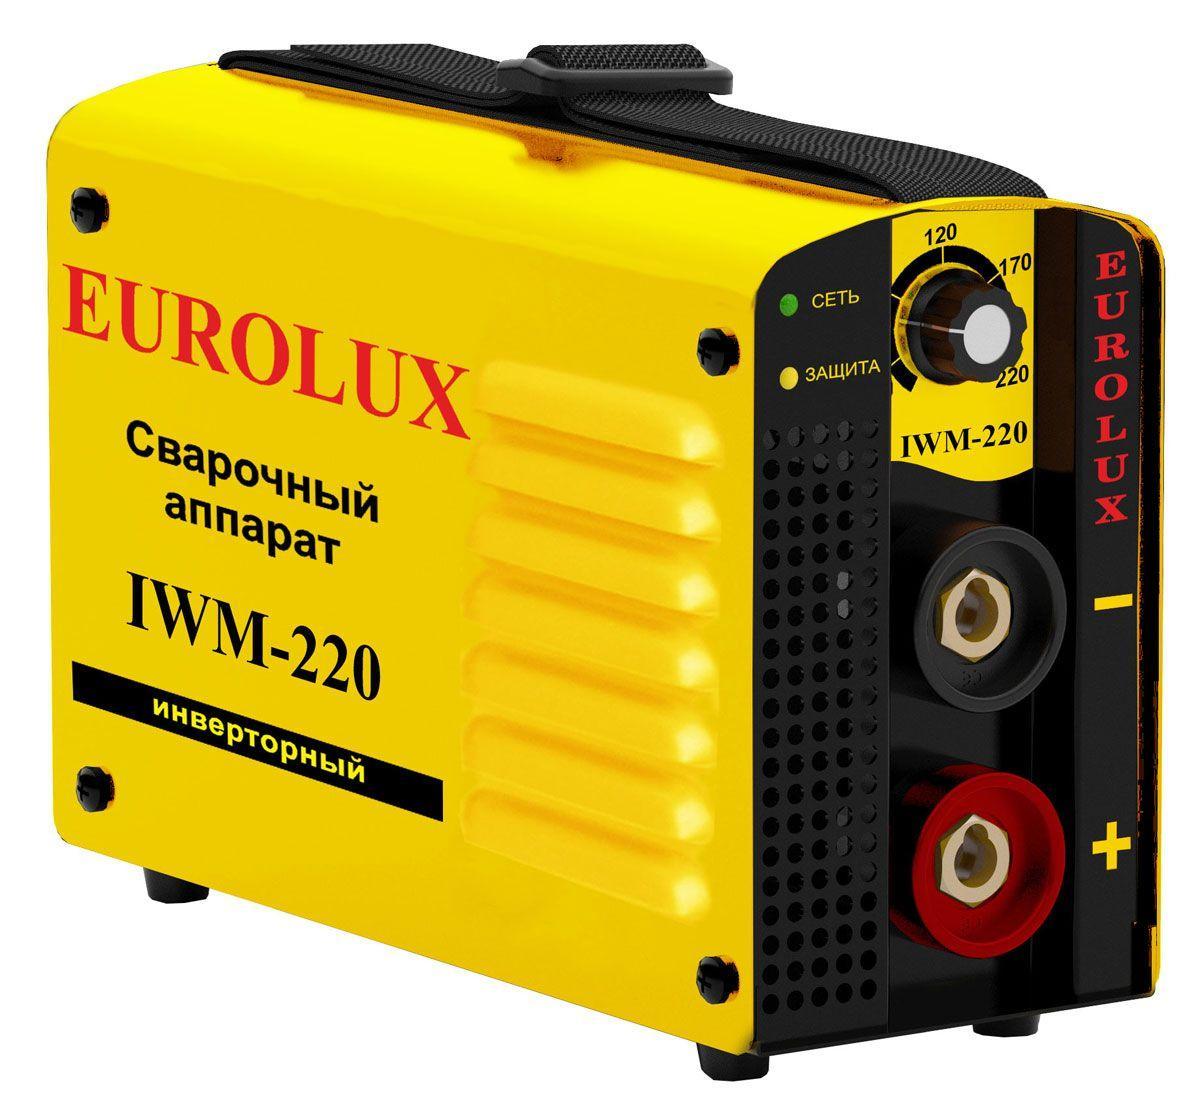 Сварочный инверторный аппарат EUROLUX IWM-220